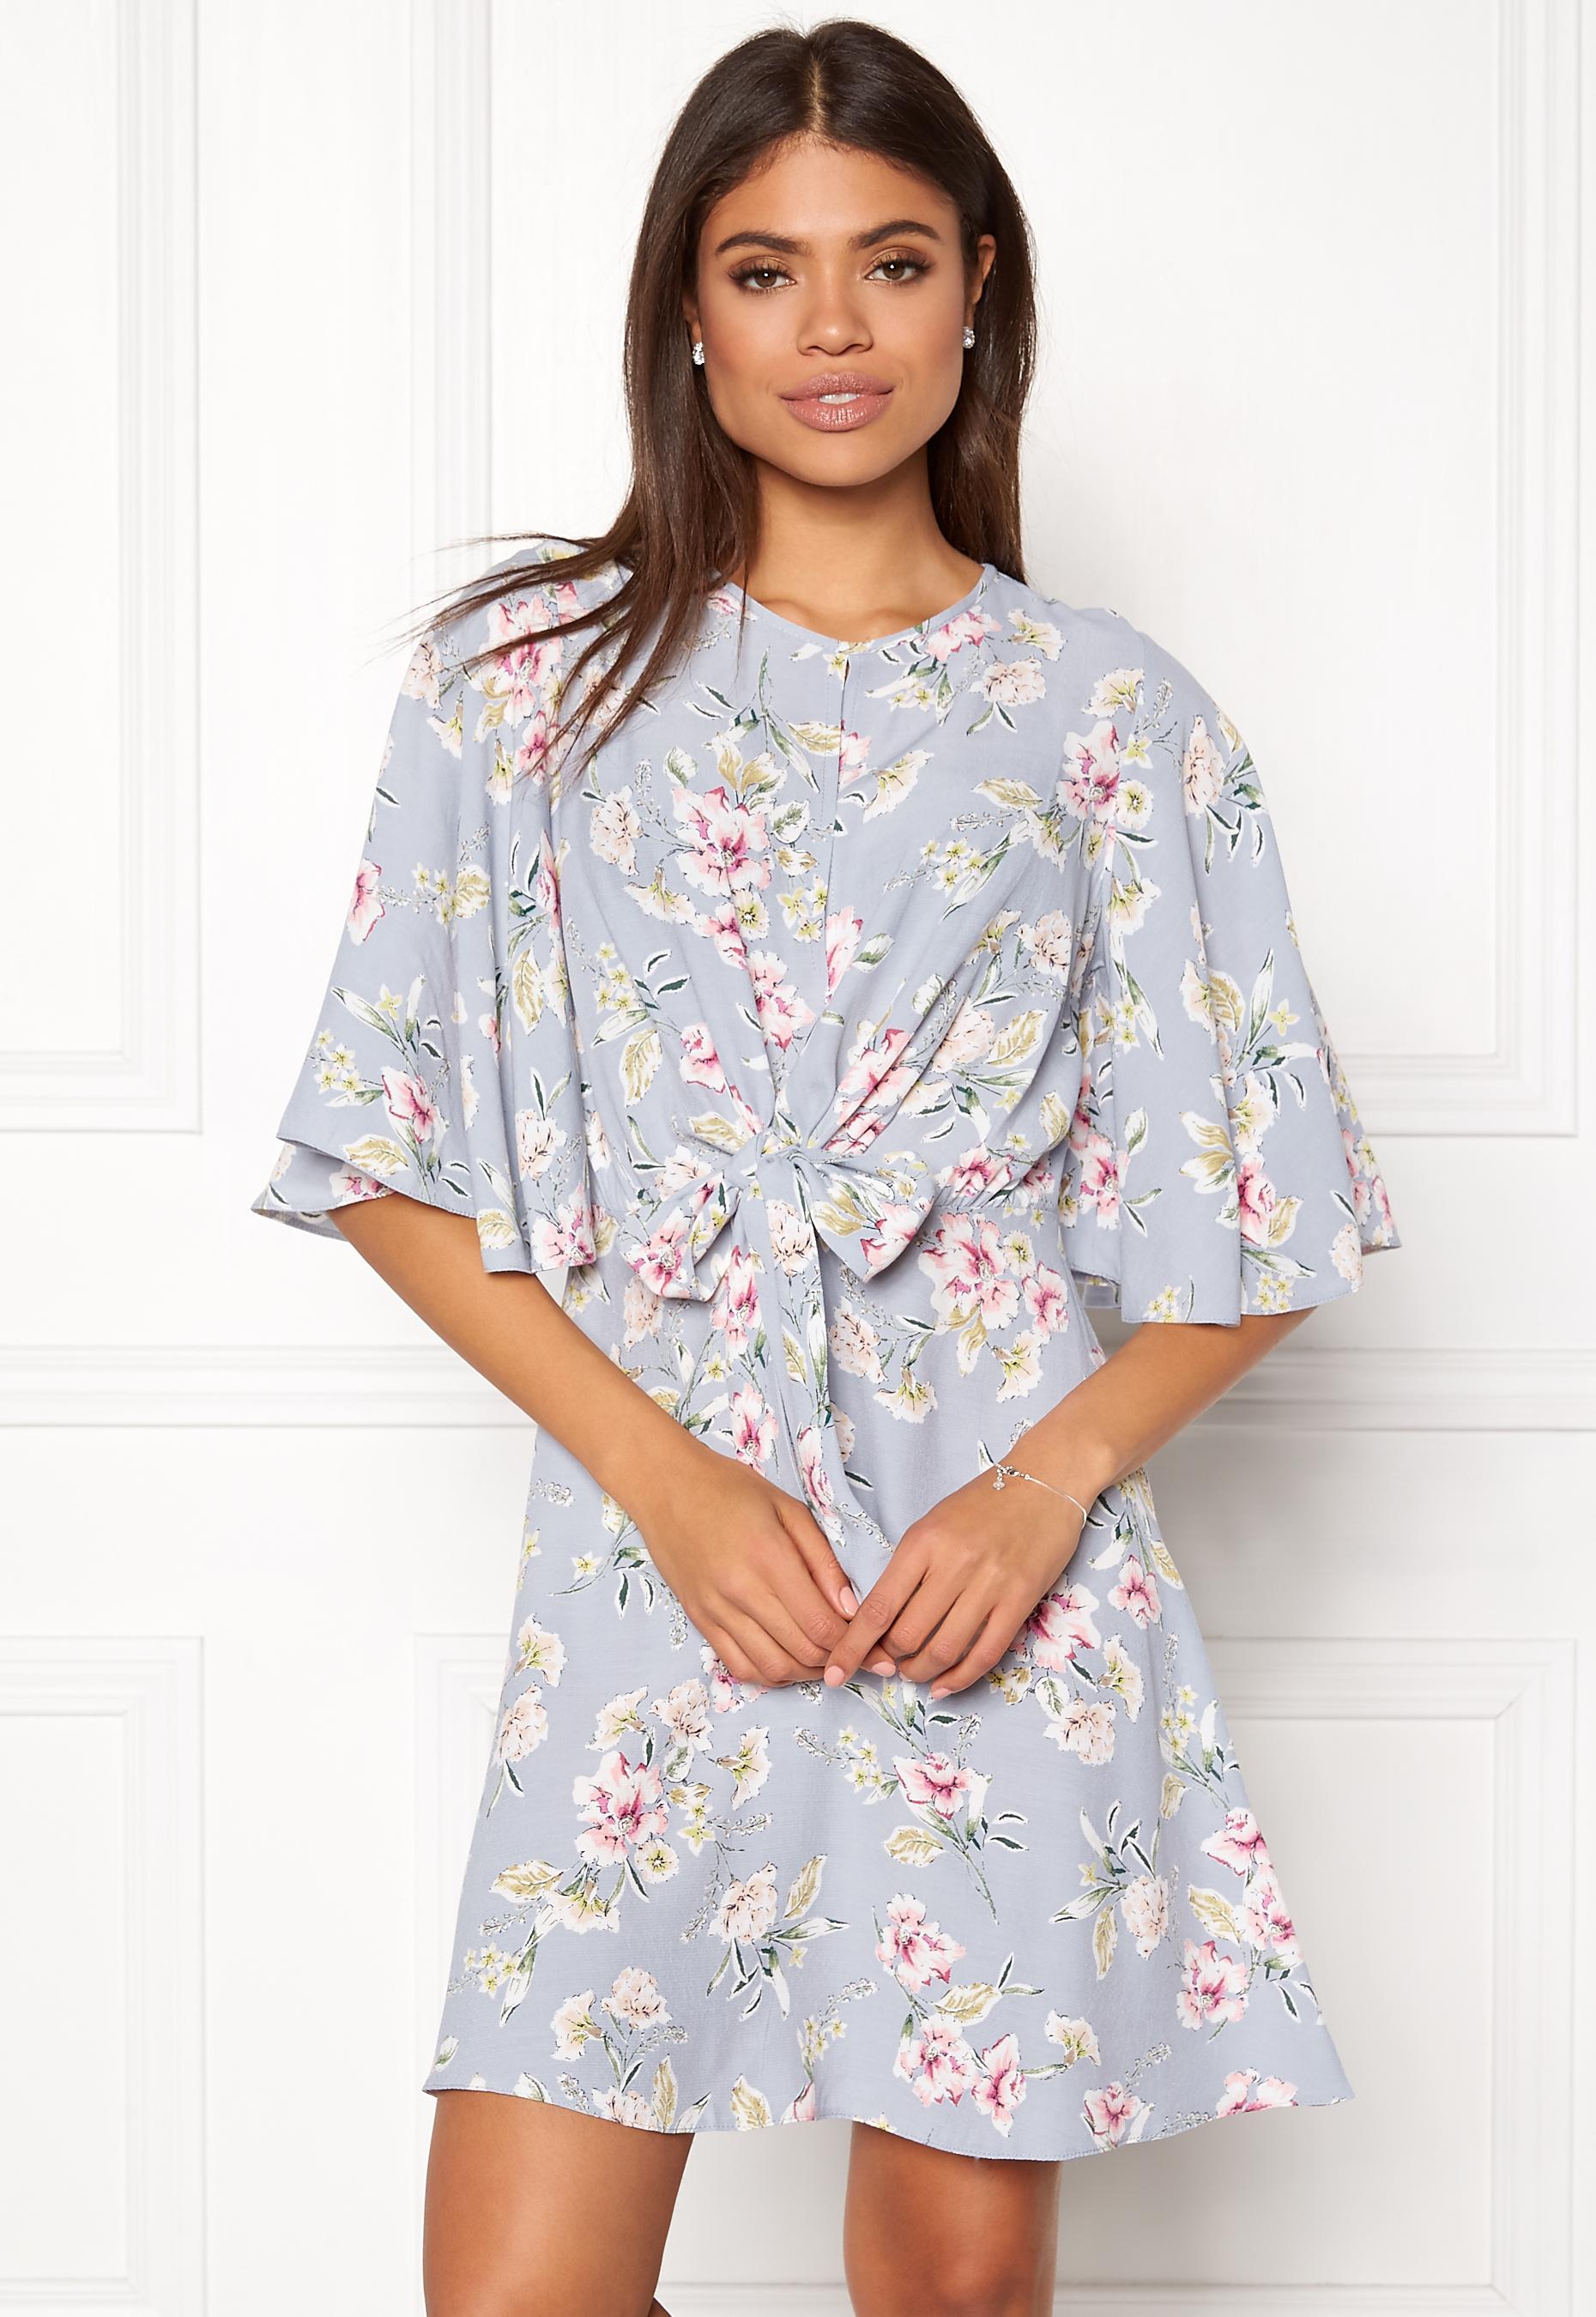 ca7a6216b0b7 New Look Frances Floral Knot Dress Light Grey - Bubbleroom